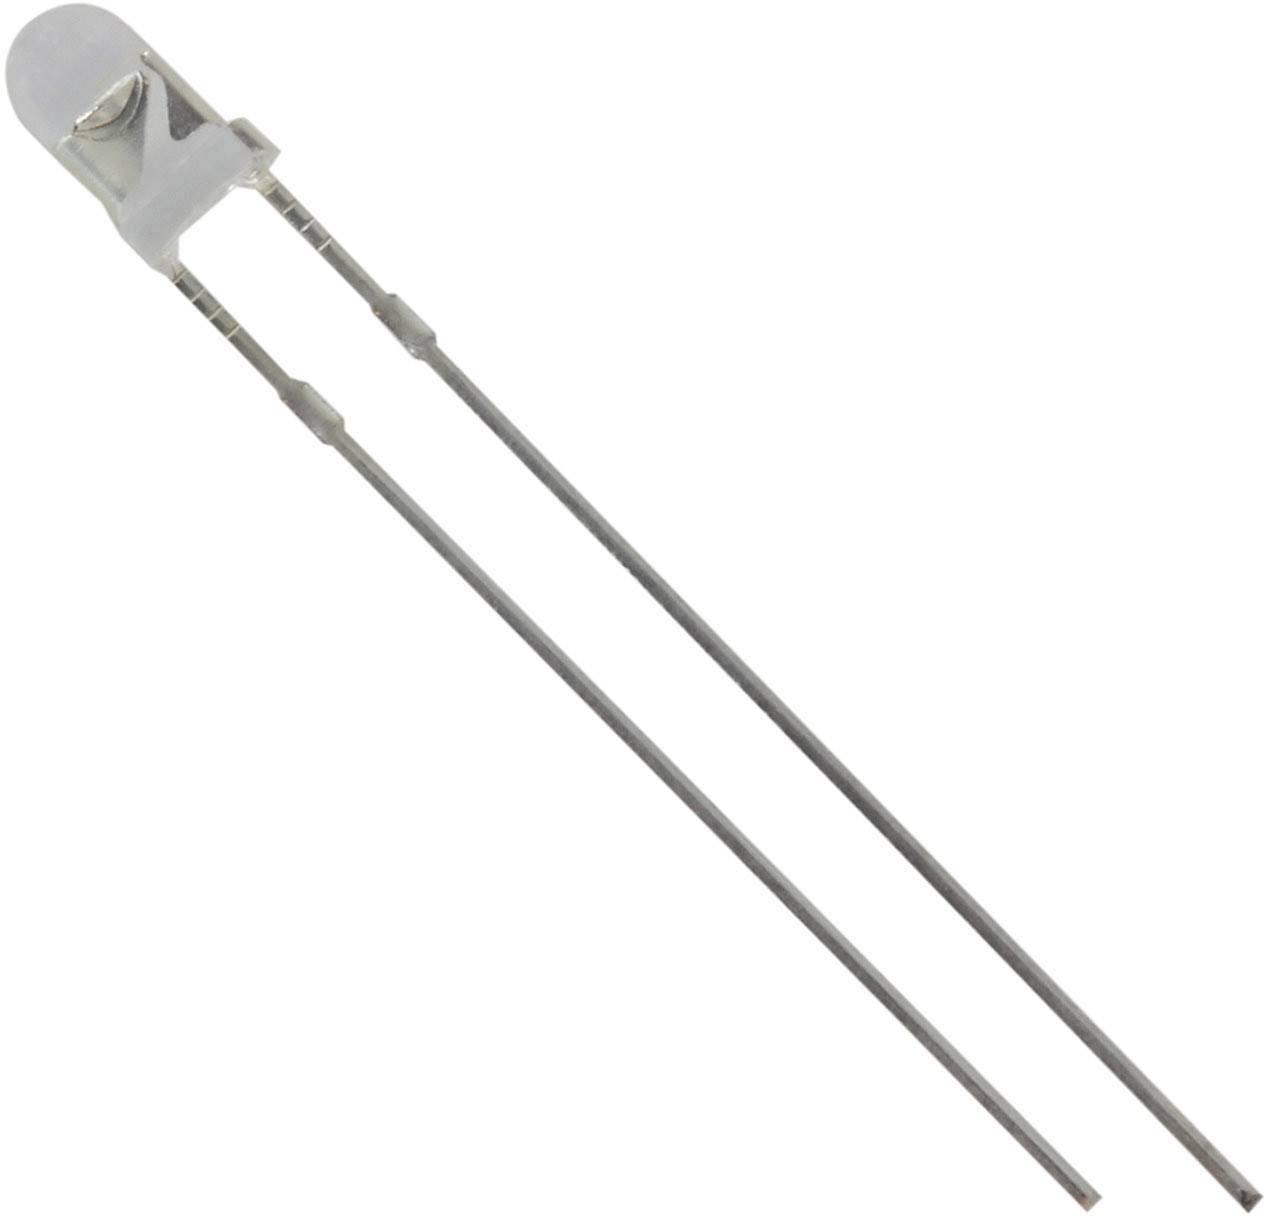 LED s vývody HuiYuan 3034W2C-CSC-A, typ čočky kulatý, 3 mm, 25 °, 20 mA, 2800 mcd, 3.1 V, bílá